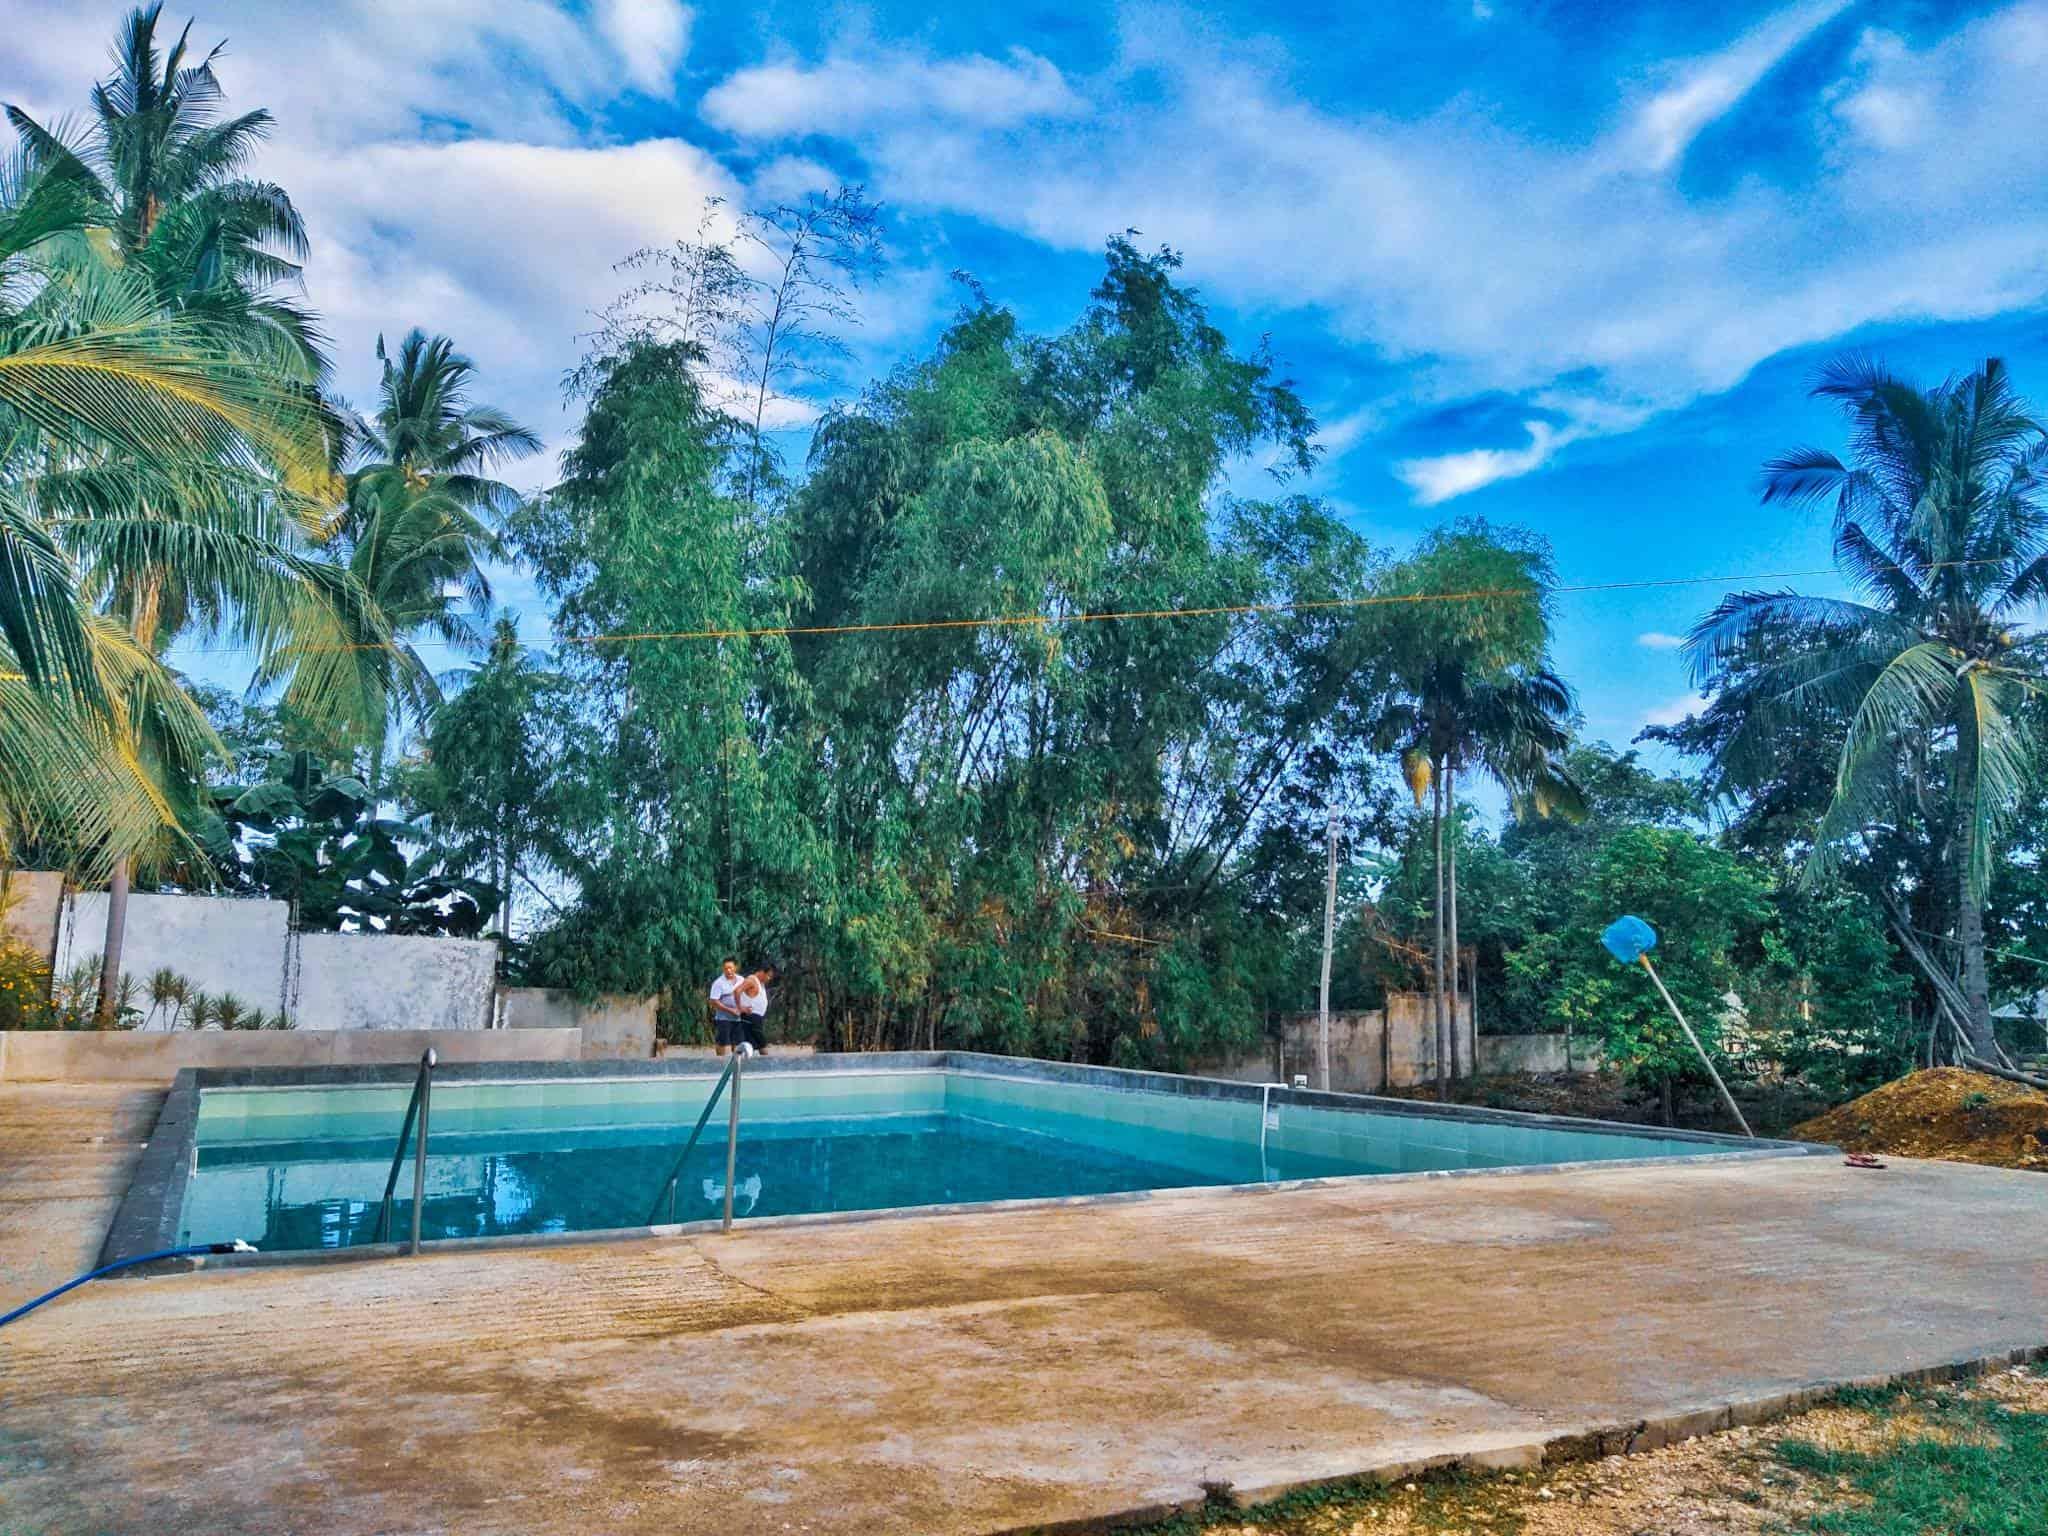 Maslog Pool Resort Tabogon Cebu (2)